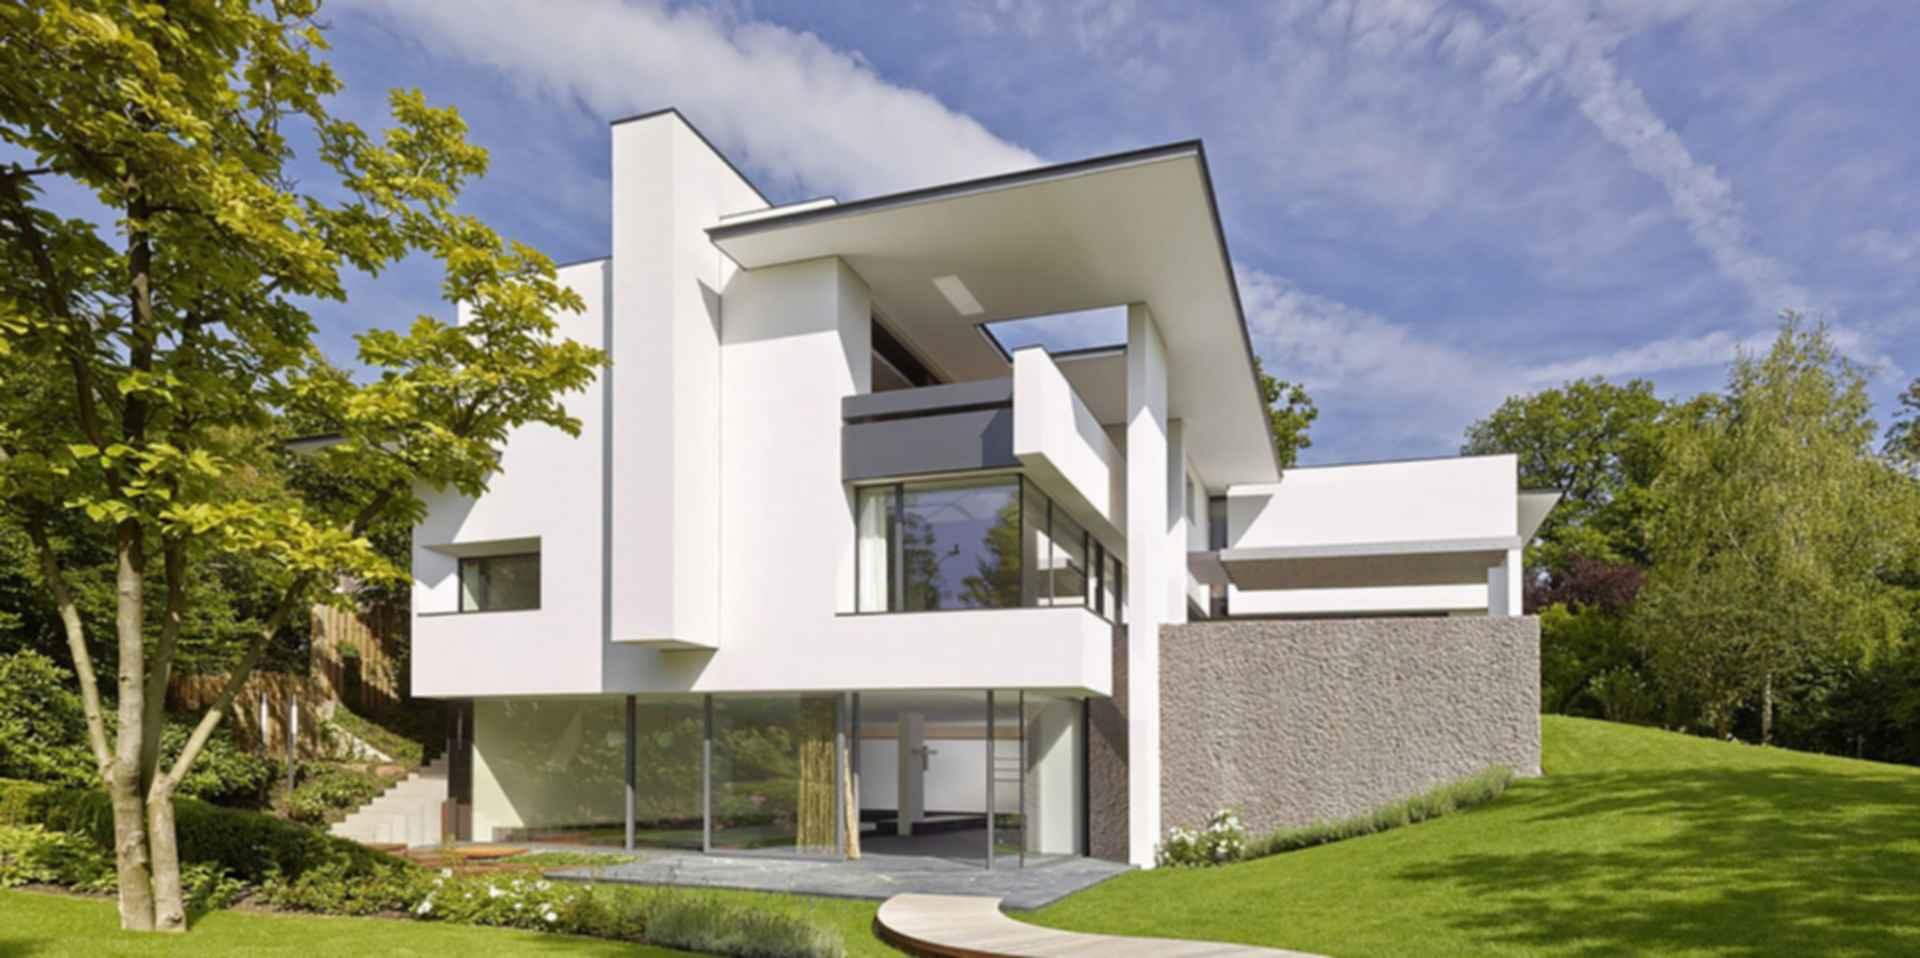 SU House - Exterior